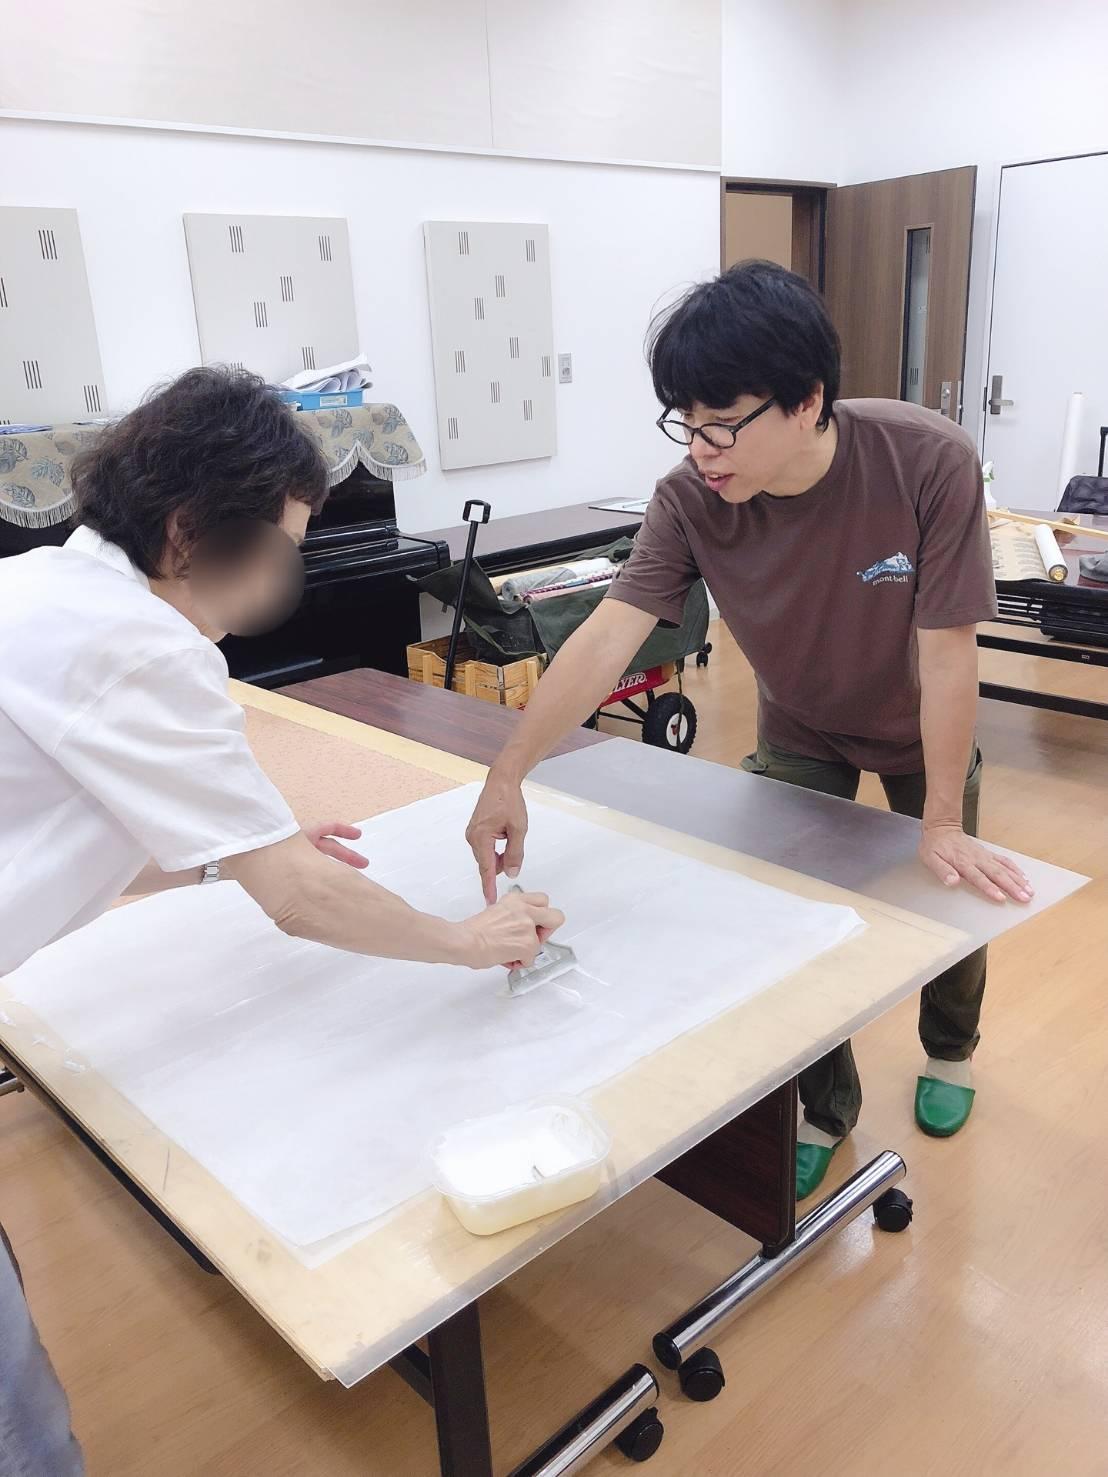 体験:【高松校】楽しい表装セミナー・土曜クラス3DAY体験/午前の部・午後の部 21/05/08~21/07/10